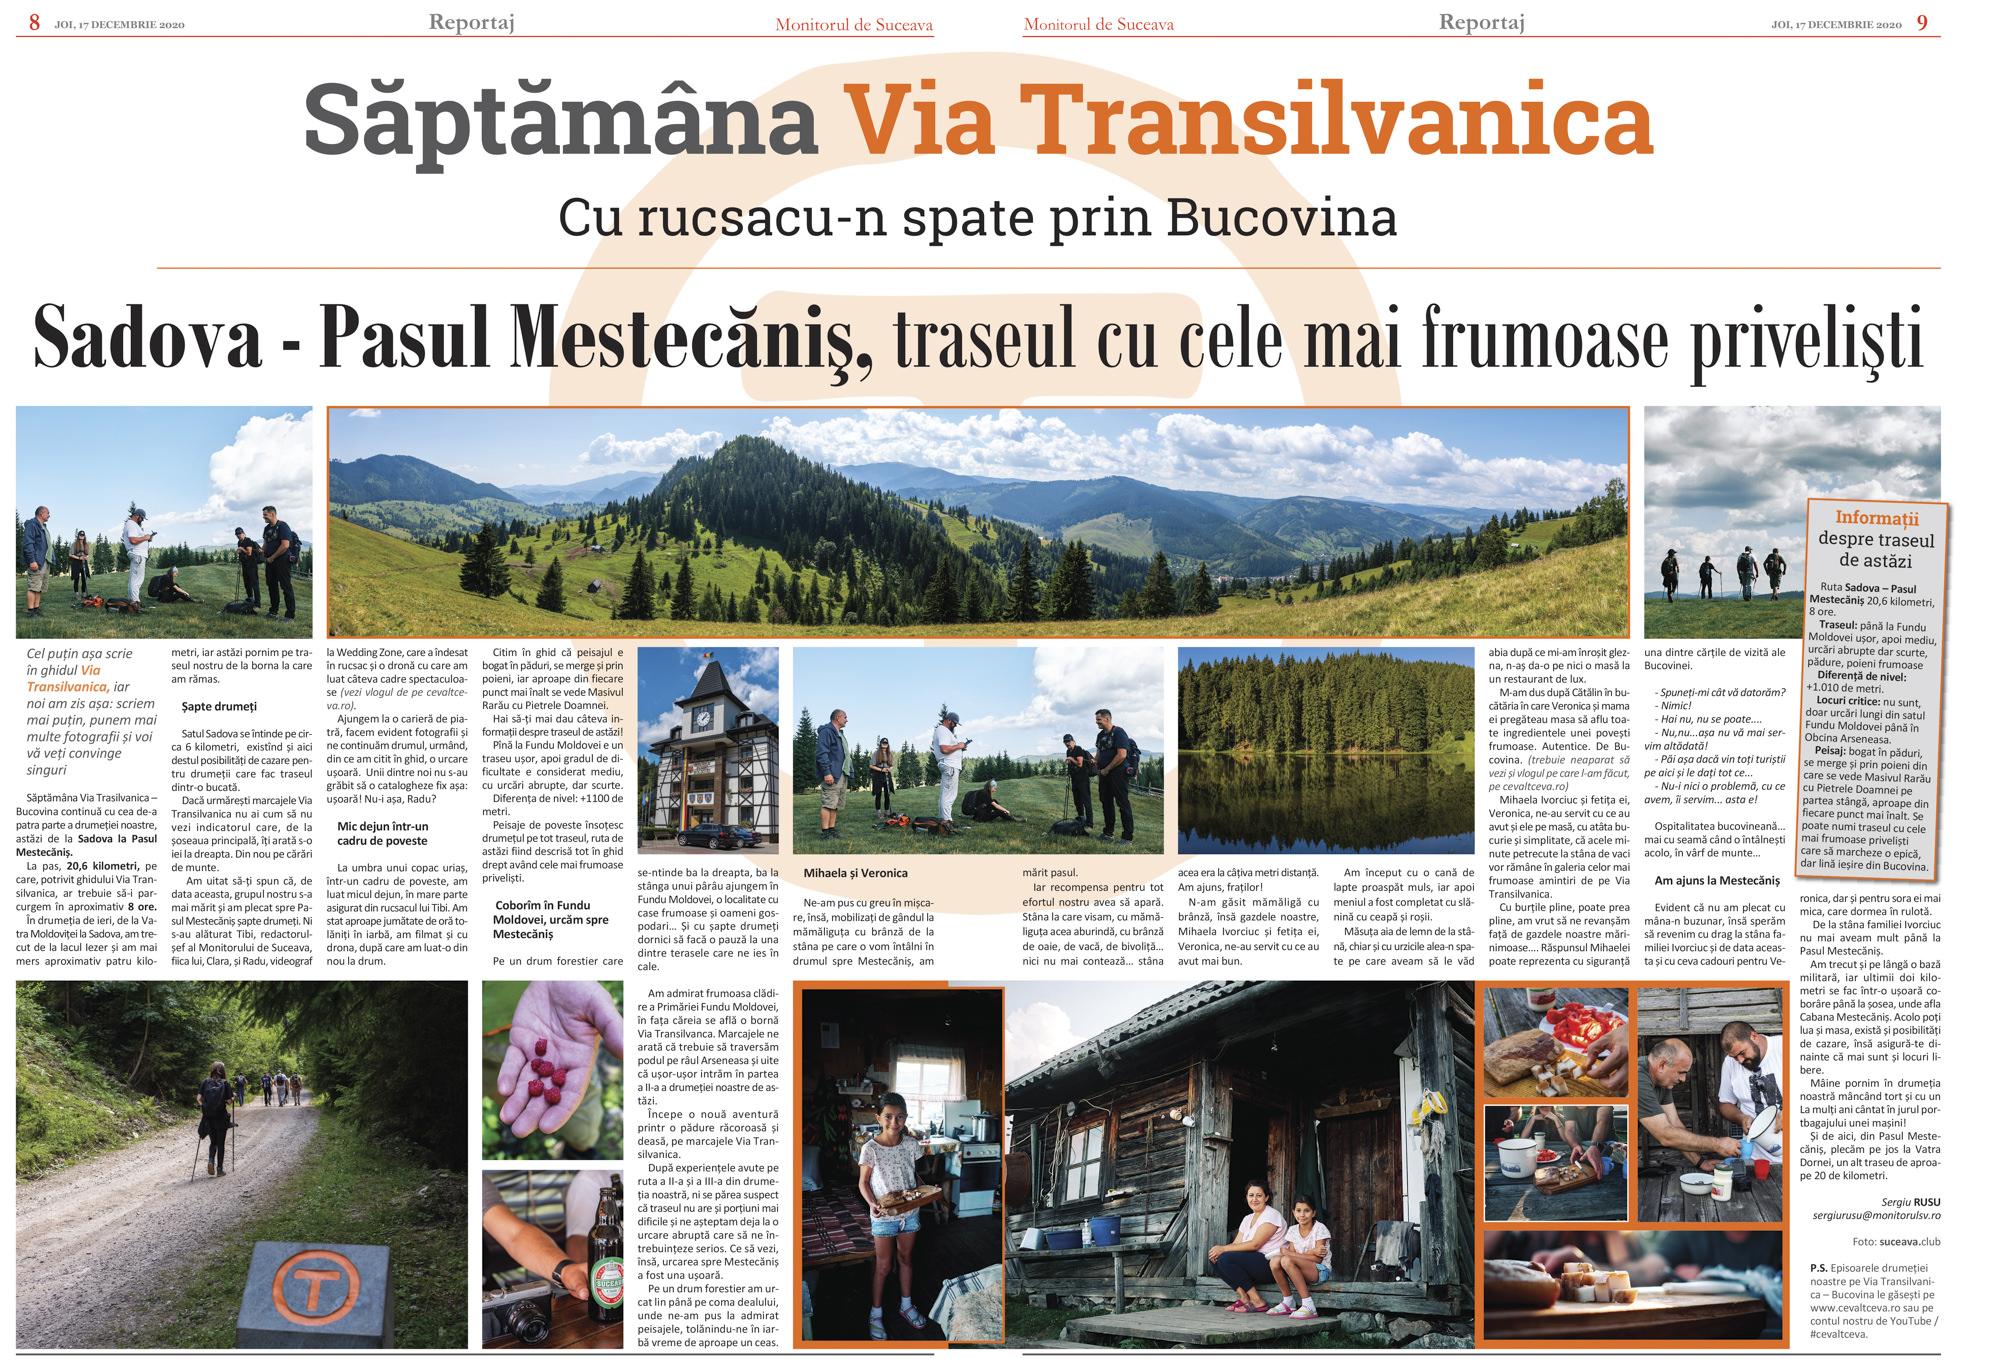 Via Transilvanica (IV) De la Sadova la Pasul Mestecăniș